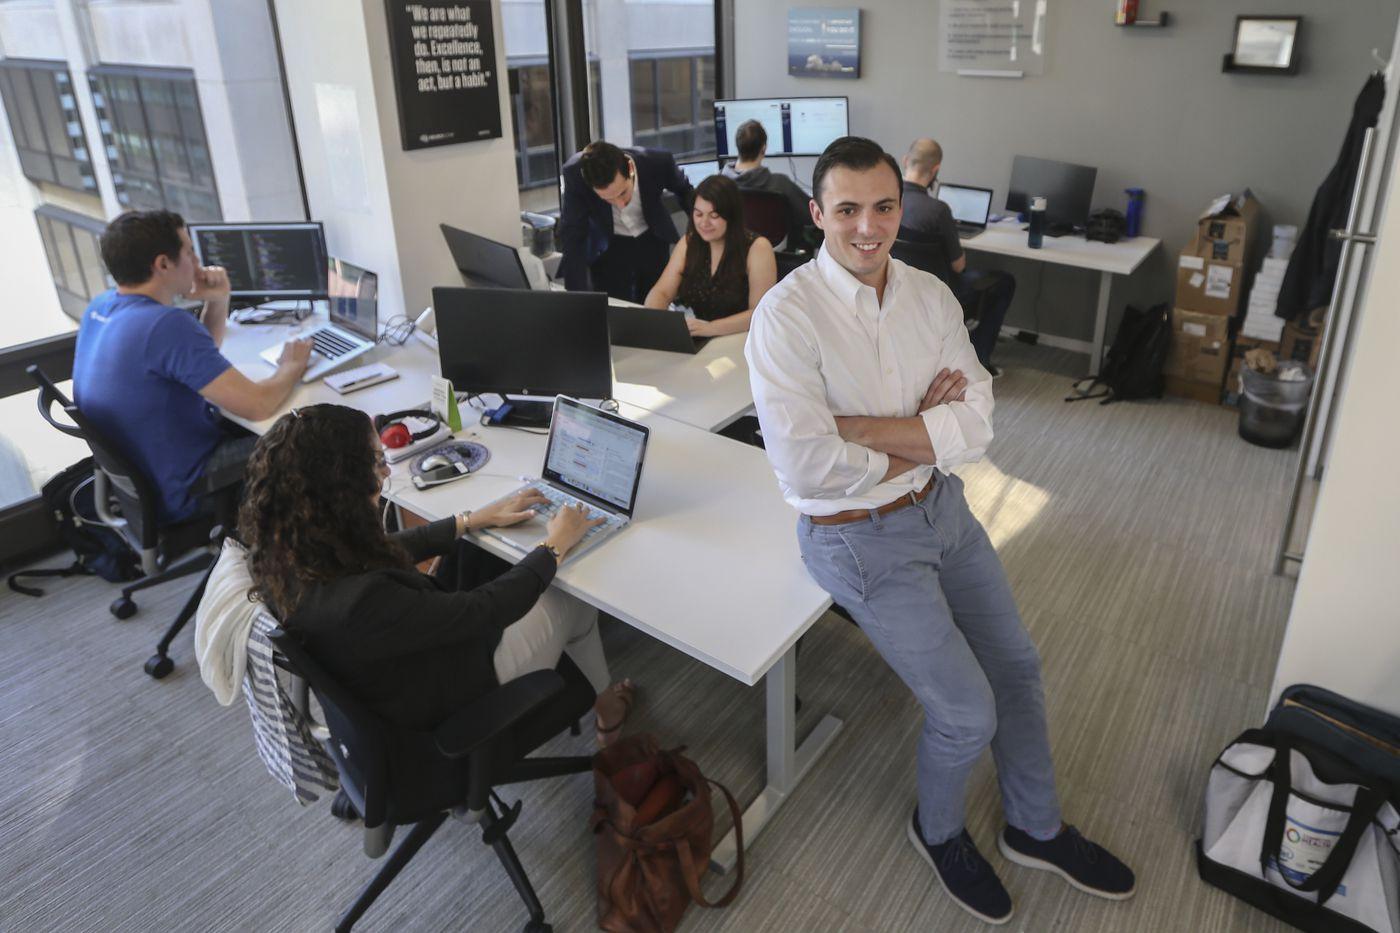 Mental health tech start-up NeuroFlow raises $1.2M